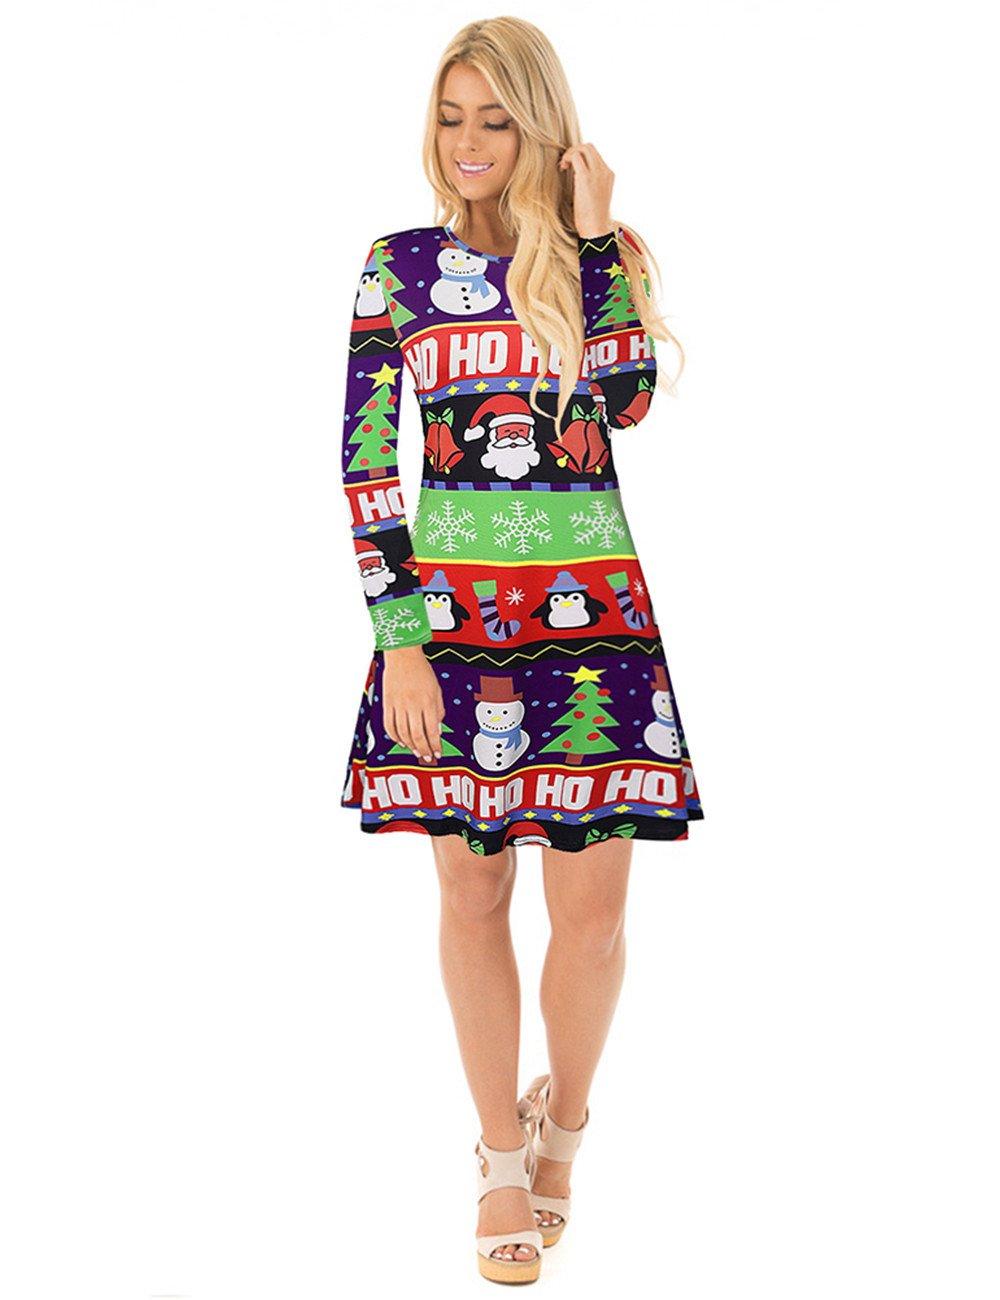 Ruiyige Vestido de fiesta de Navidad Vestido de fiesta de Navidad de la mujer de nieve: Amazon.es: Ropa y accesorios